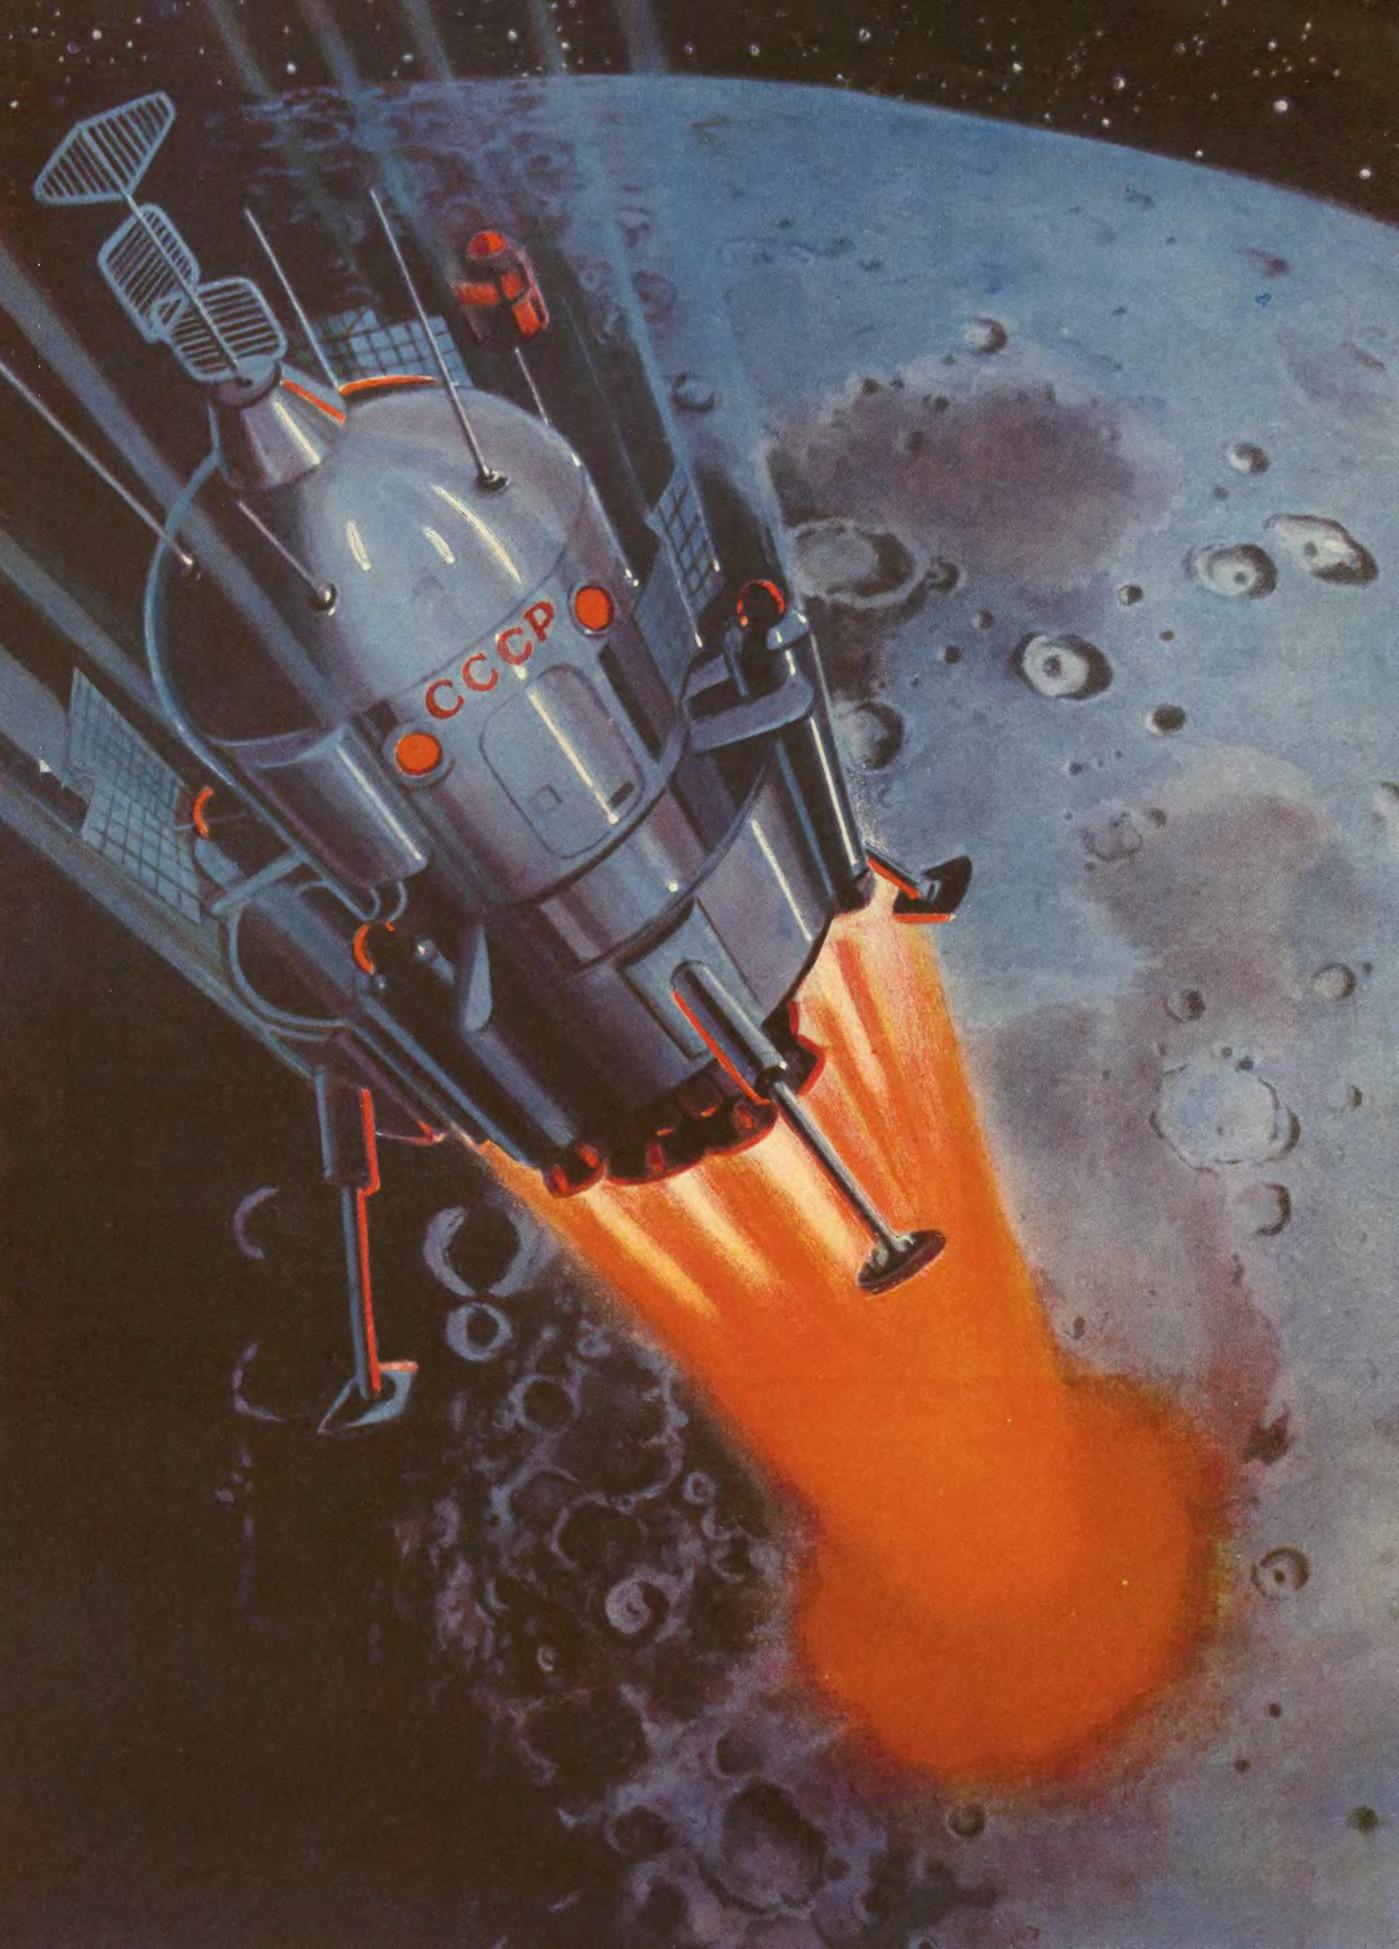 Картина Алексея Леонова и Андрея Соколова «Посадка на Луну»